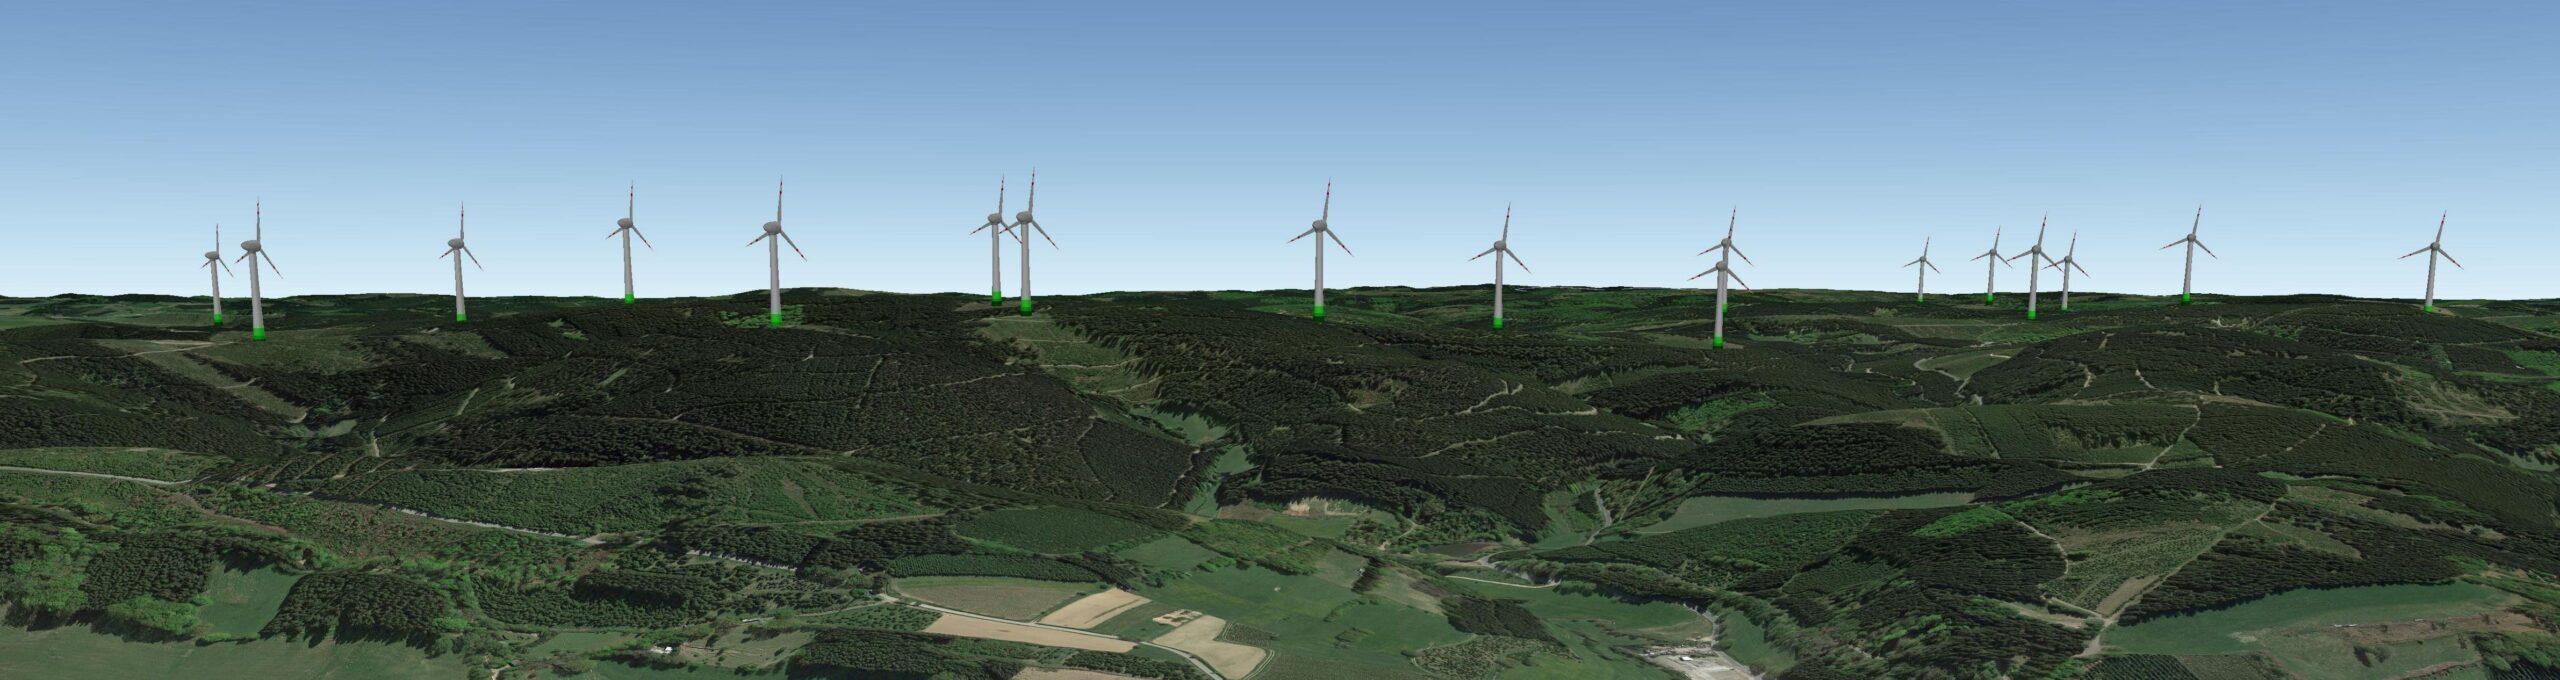 Rothaar-Windwahn